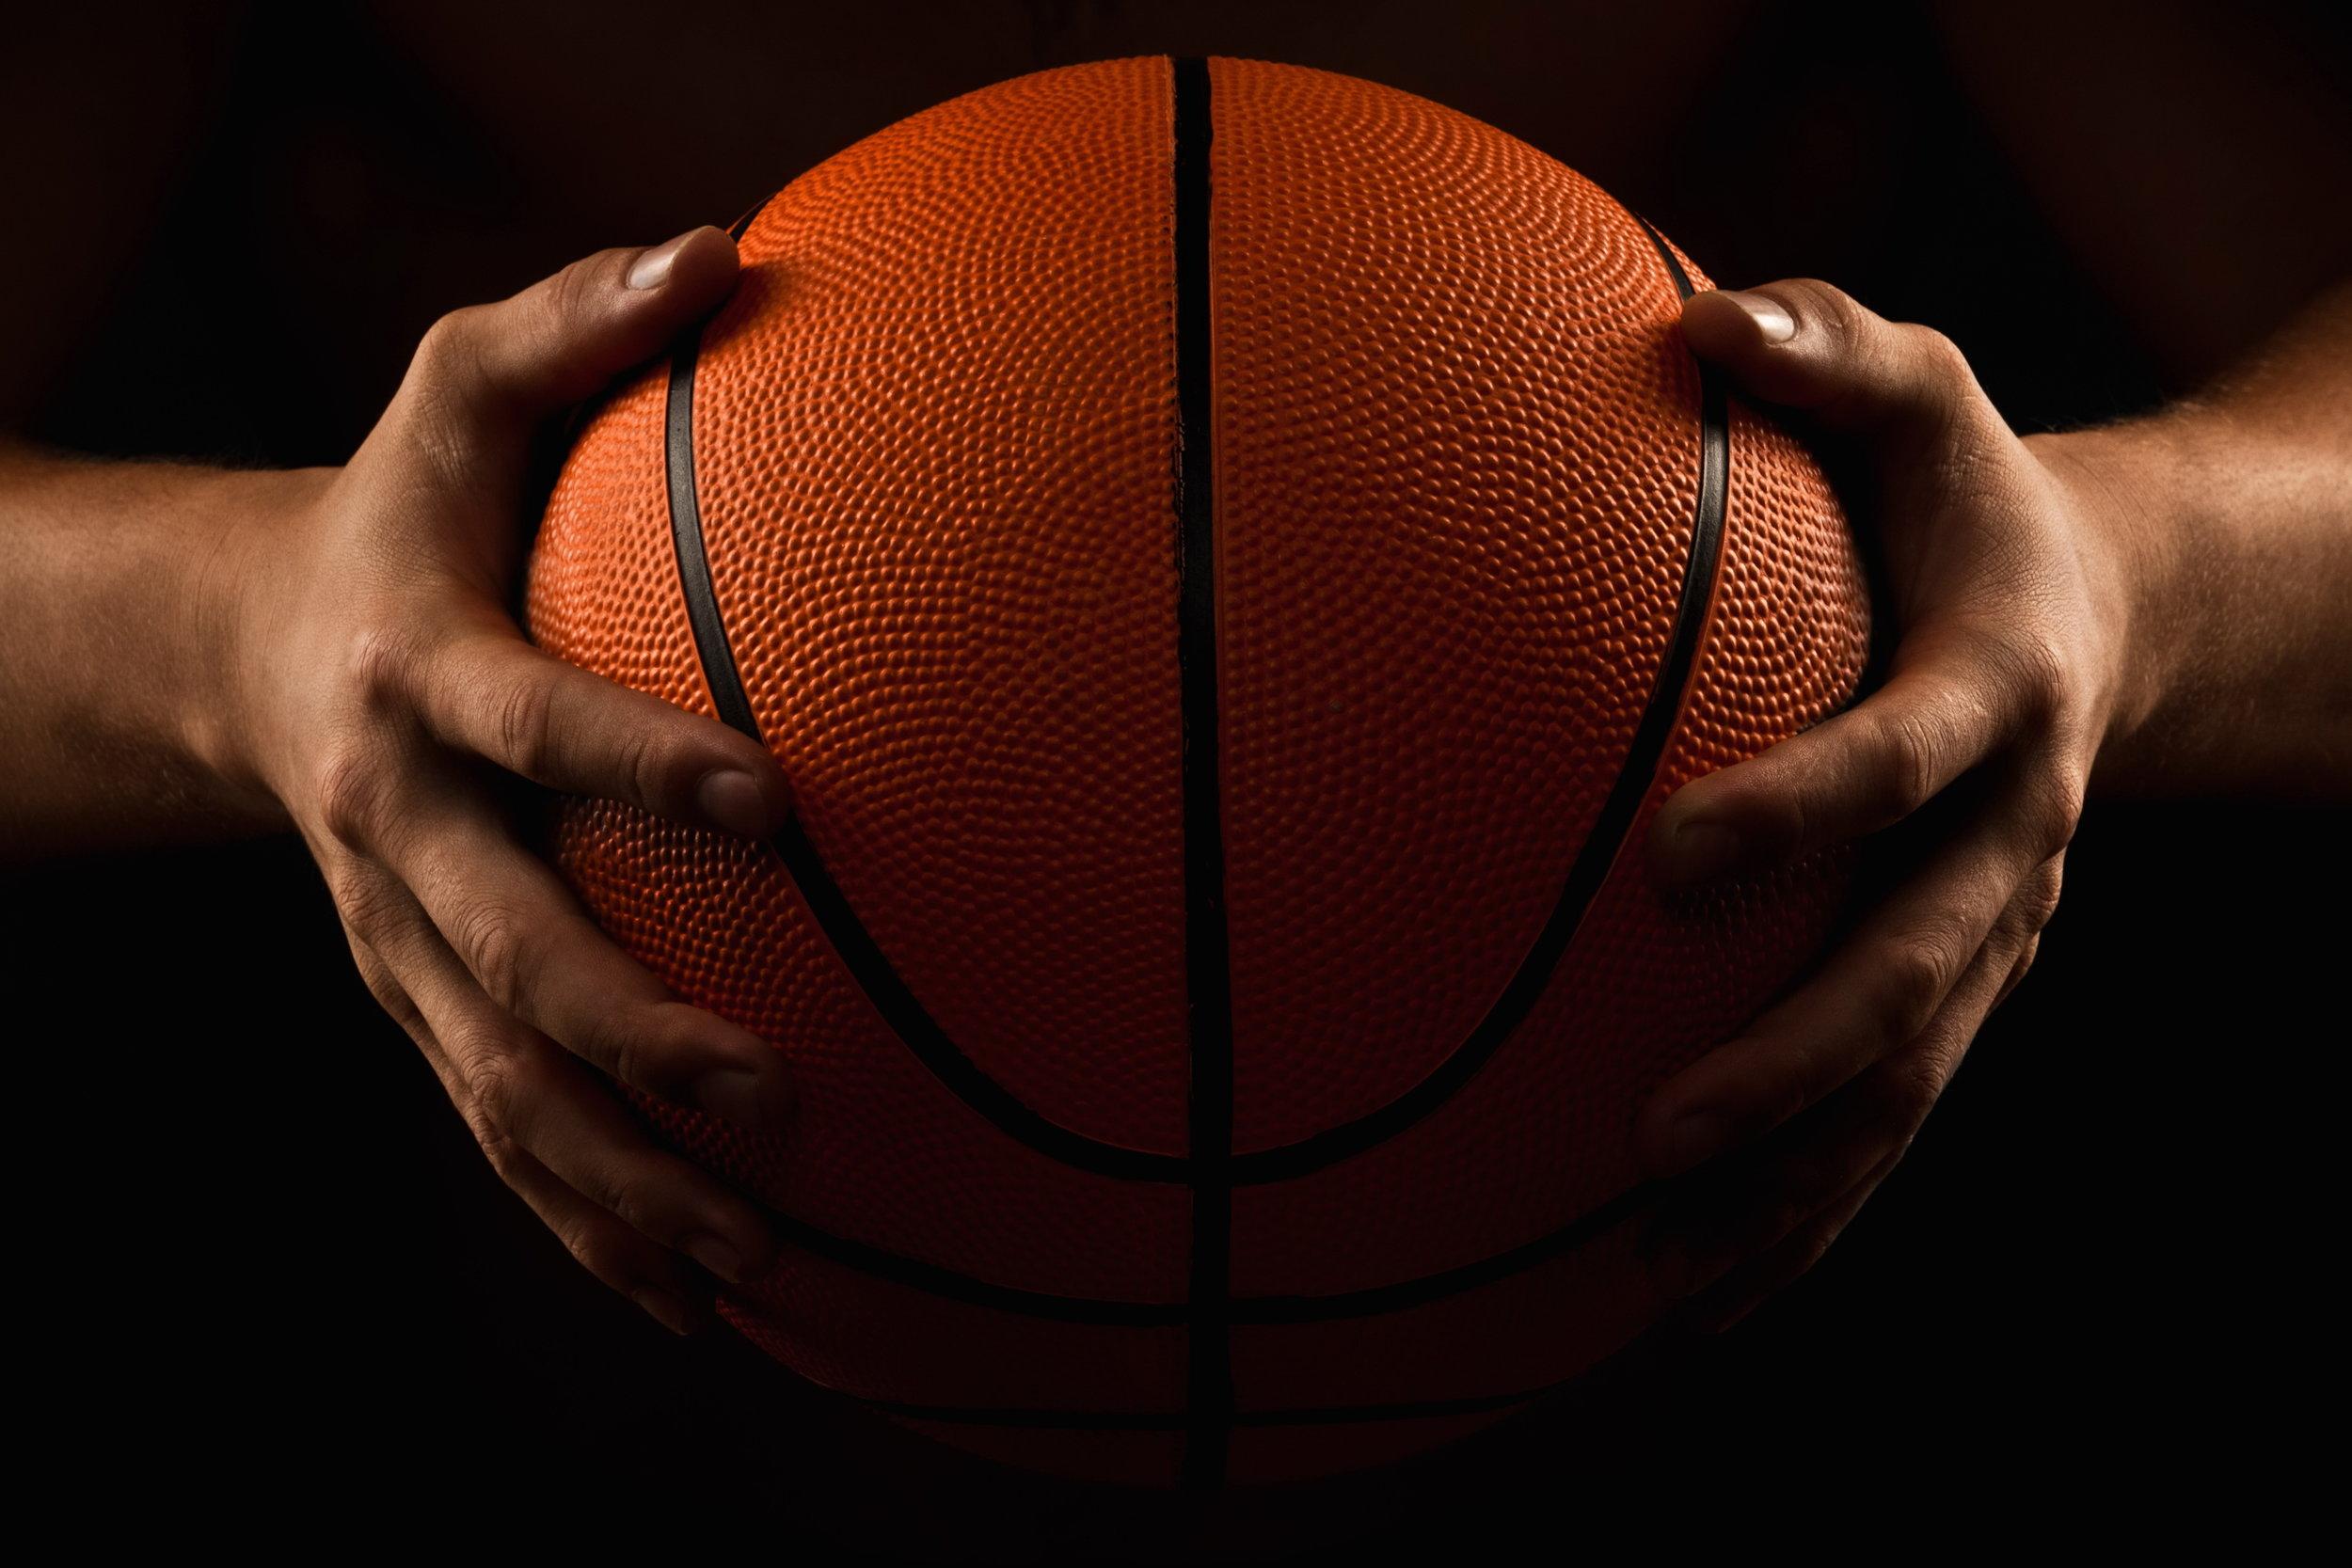 basketball hands.jpg